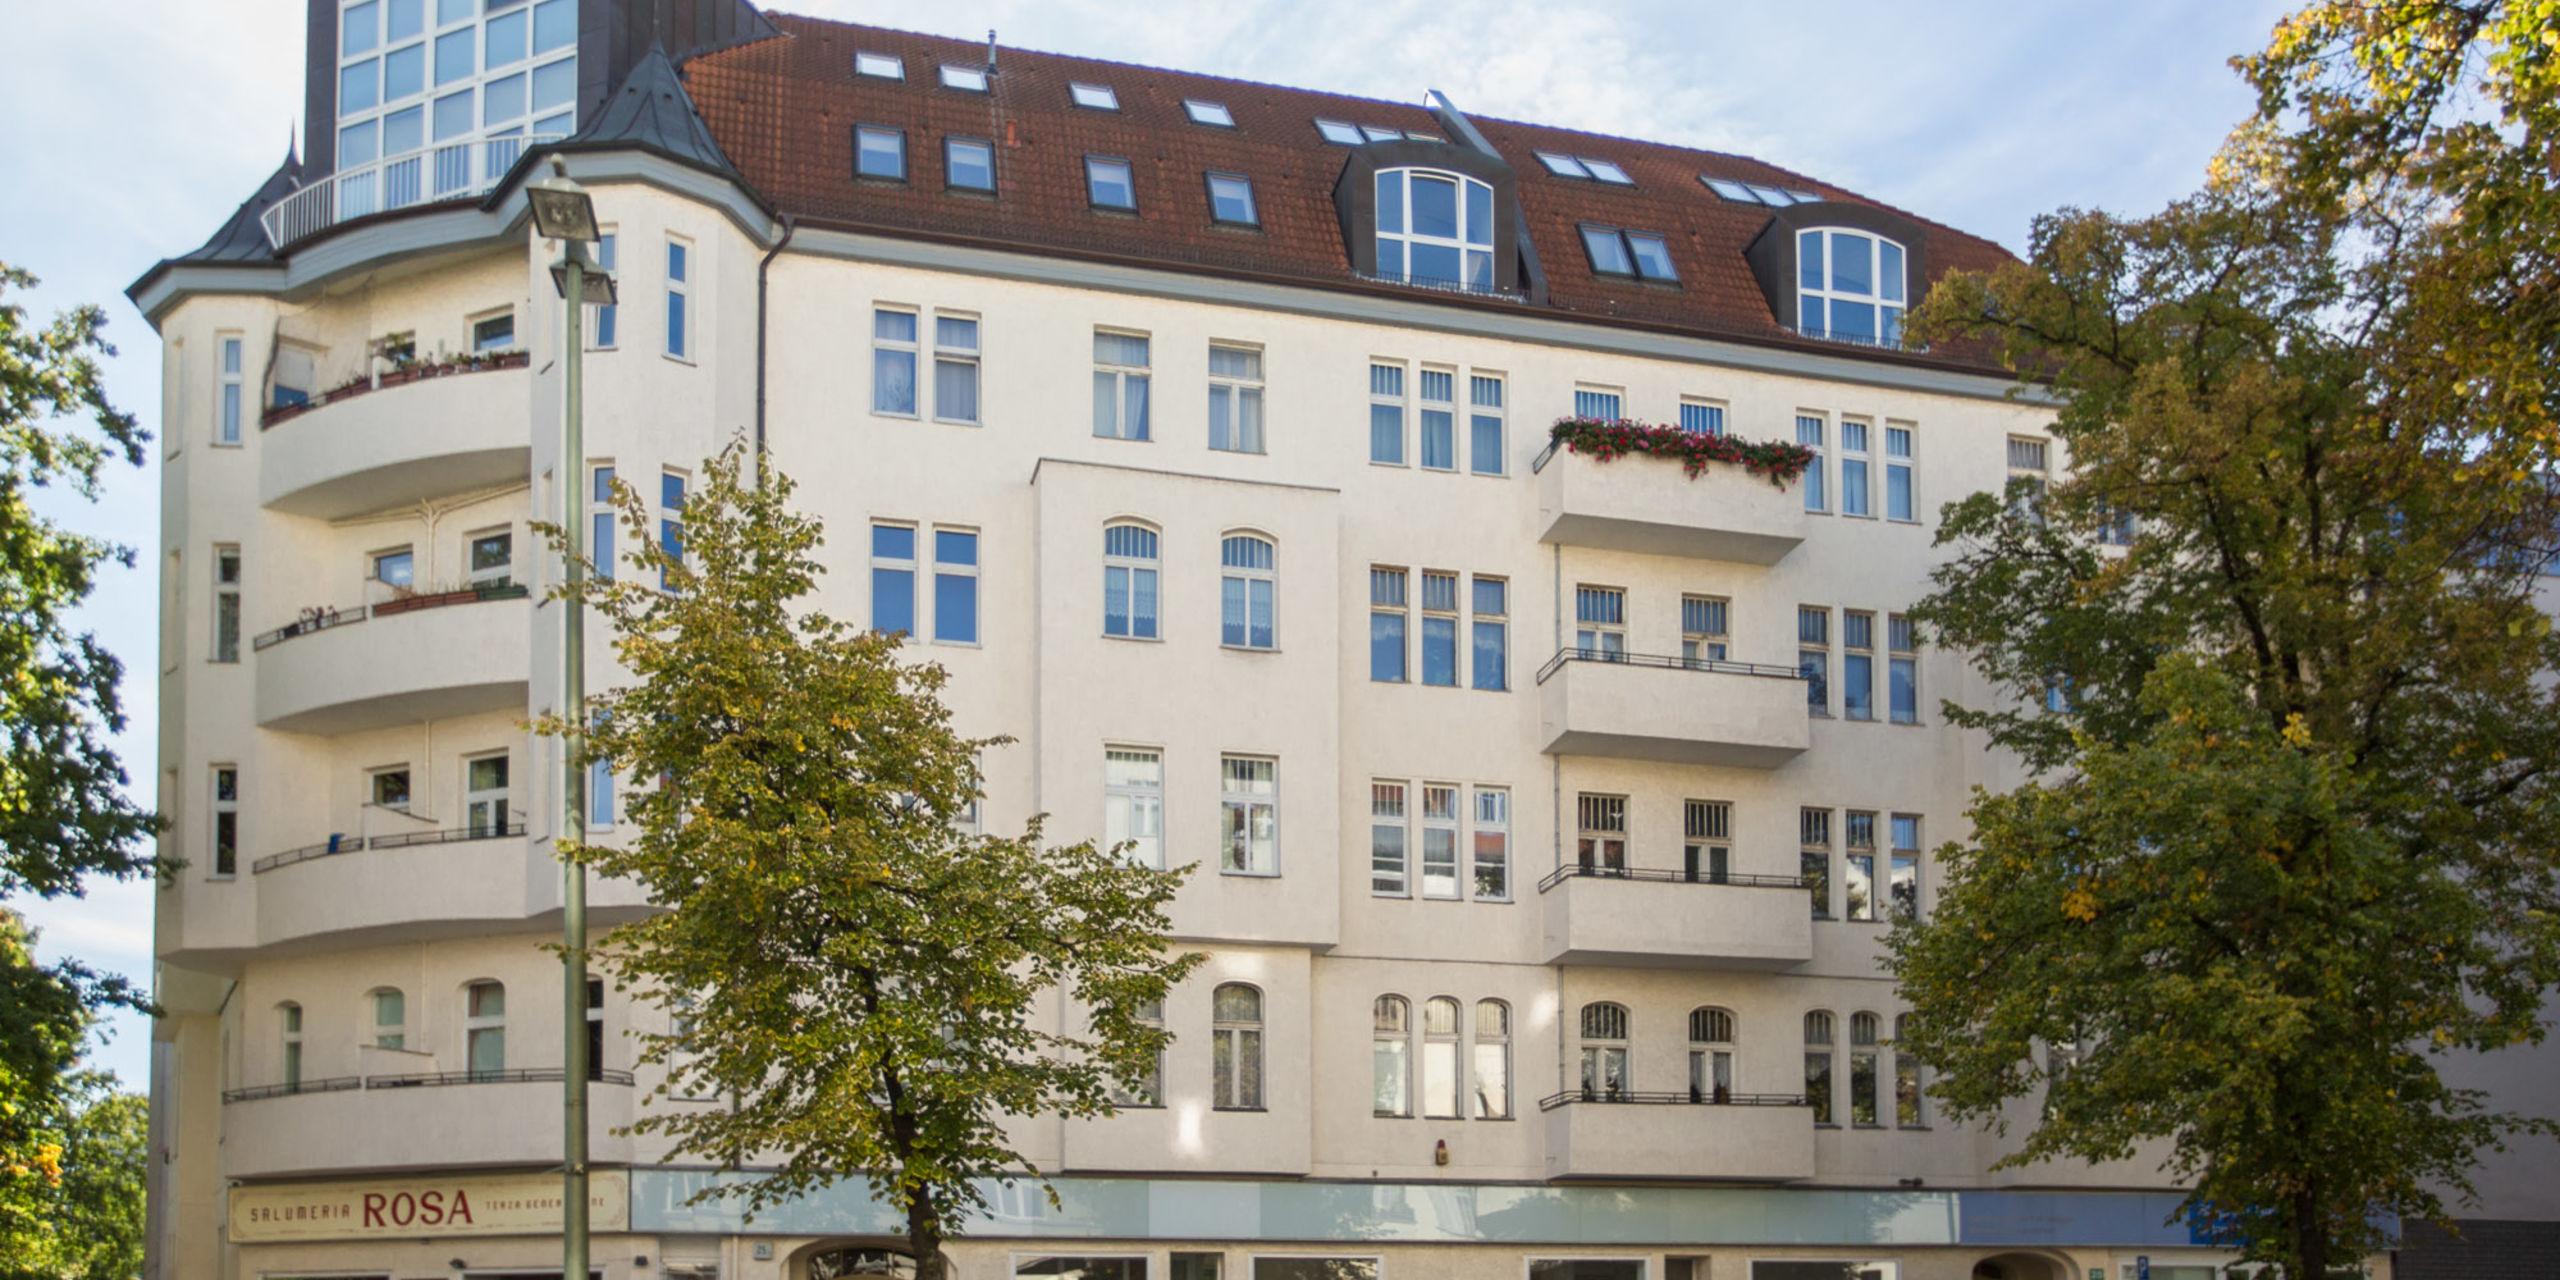 hausverwaltung bauriedel wohnungen mieten in berlin. Black Bedroom Furniture Sets. Home Design Ideas